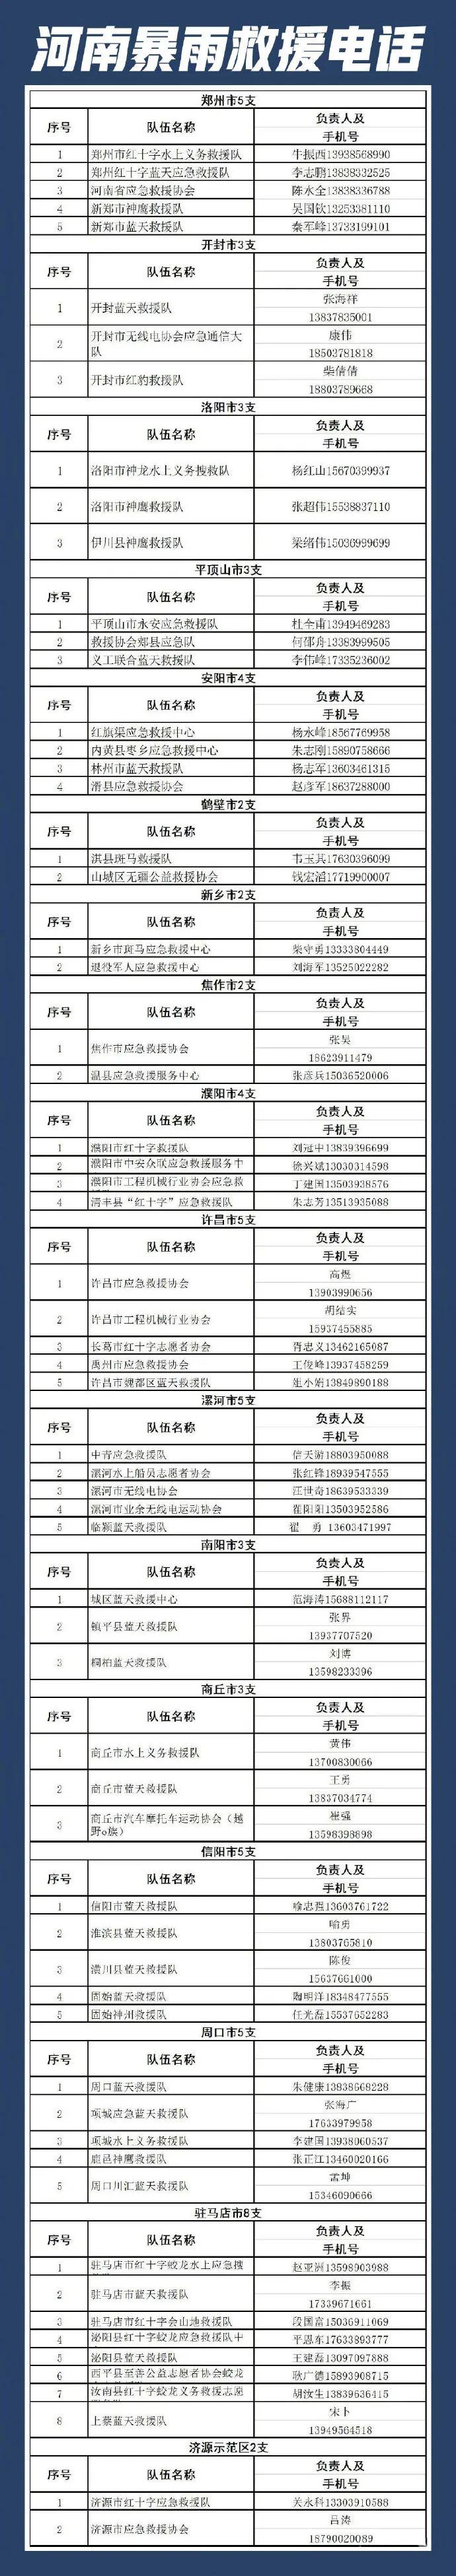 ▲ 郑州暴雨救援电话信息。 图/微博@人民日报